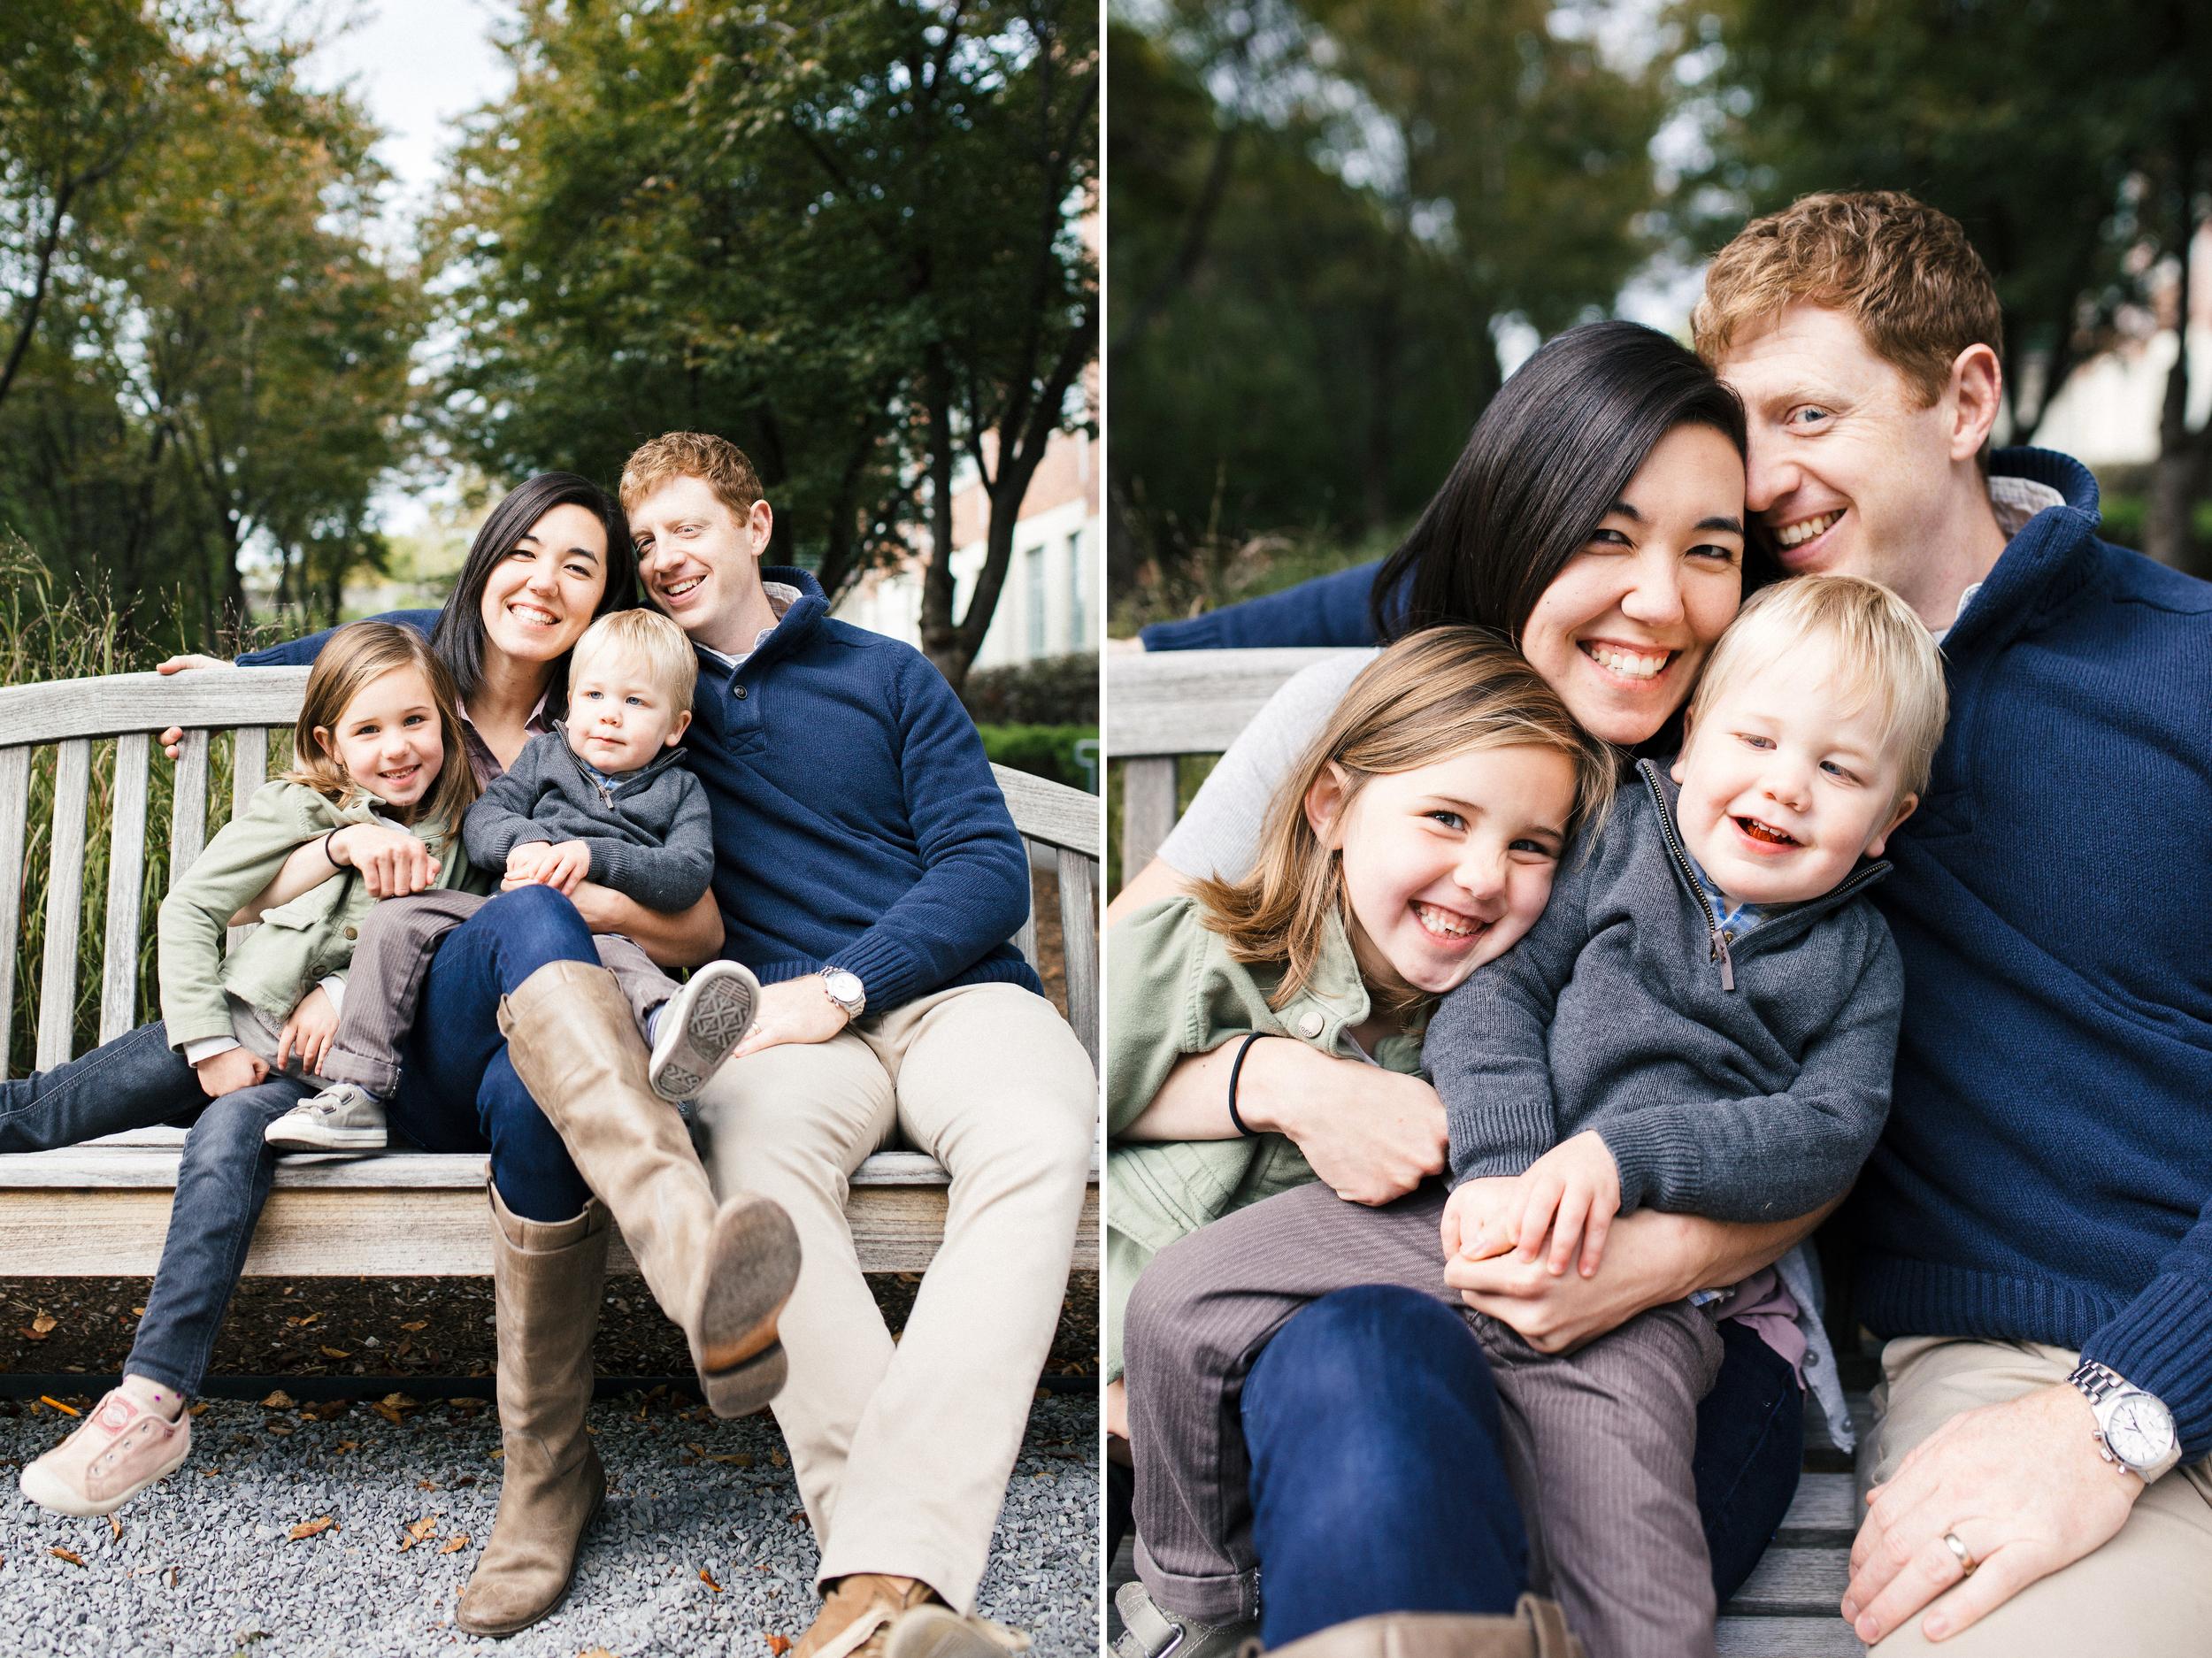 dia-beacon-family-photography_hudson-valley-ny-brooklyn-3.jpg